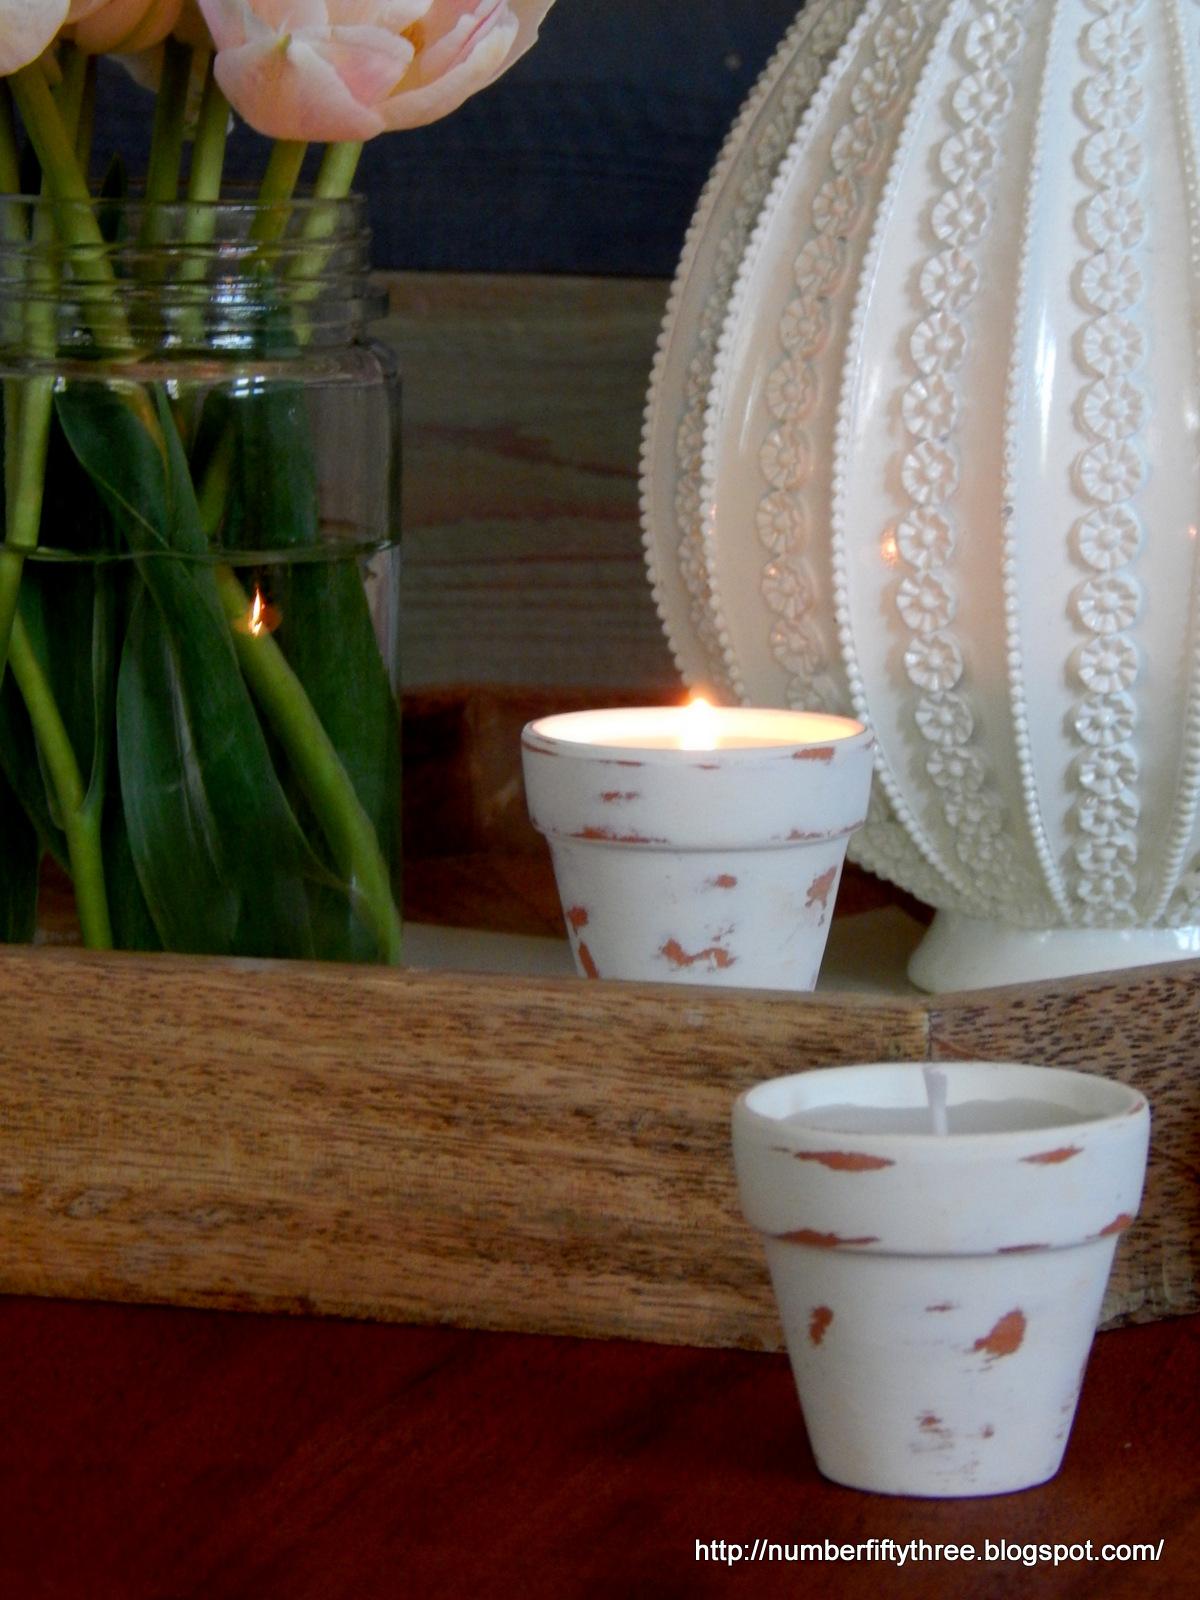 Candle making kits at michaels